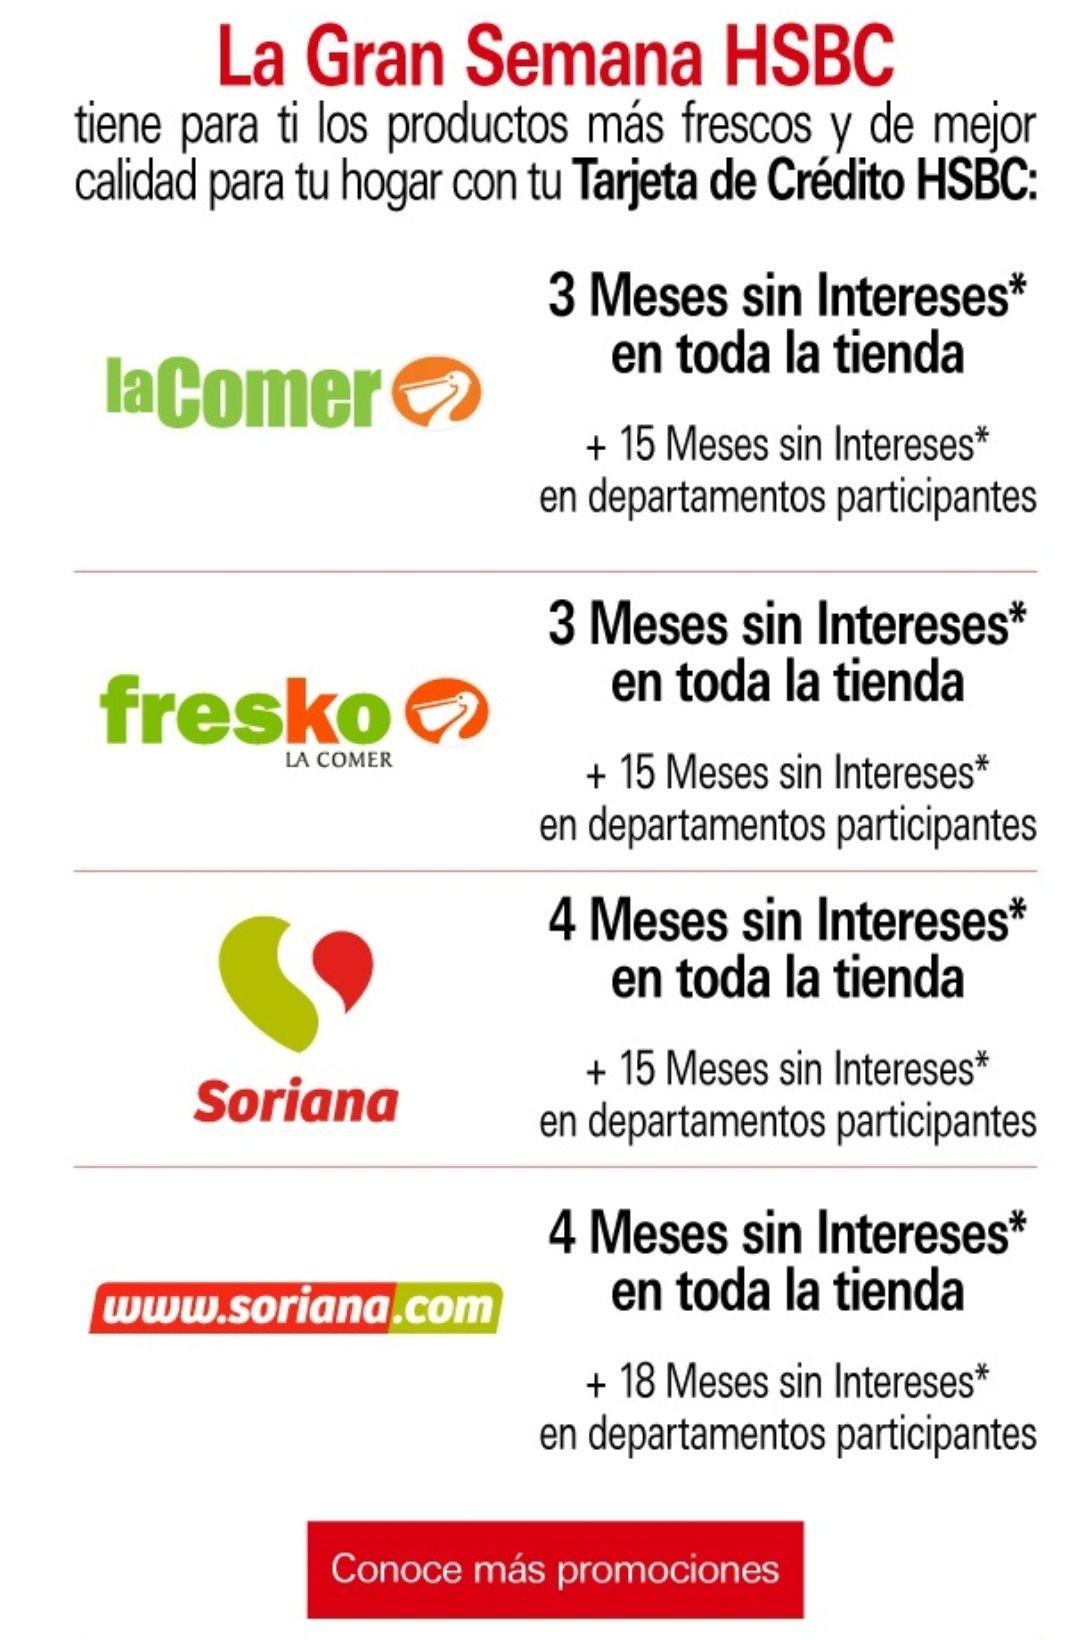 HSBC: Meses sin intereses en Soriana, La comer, etc